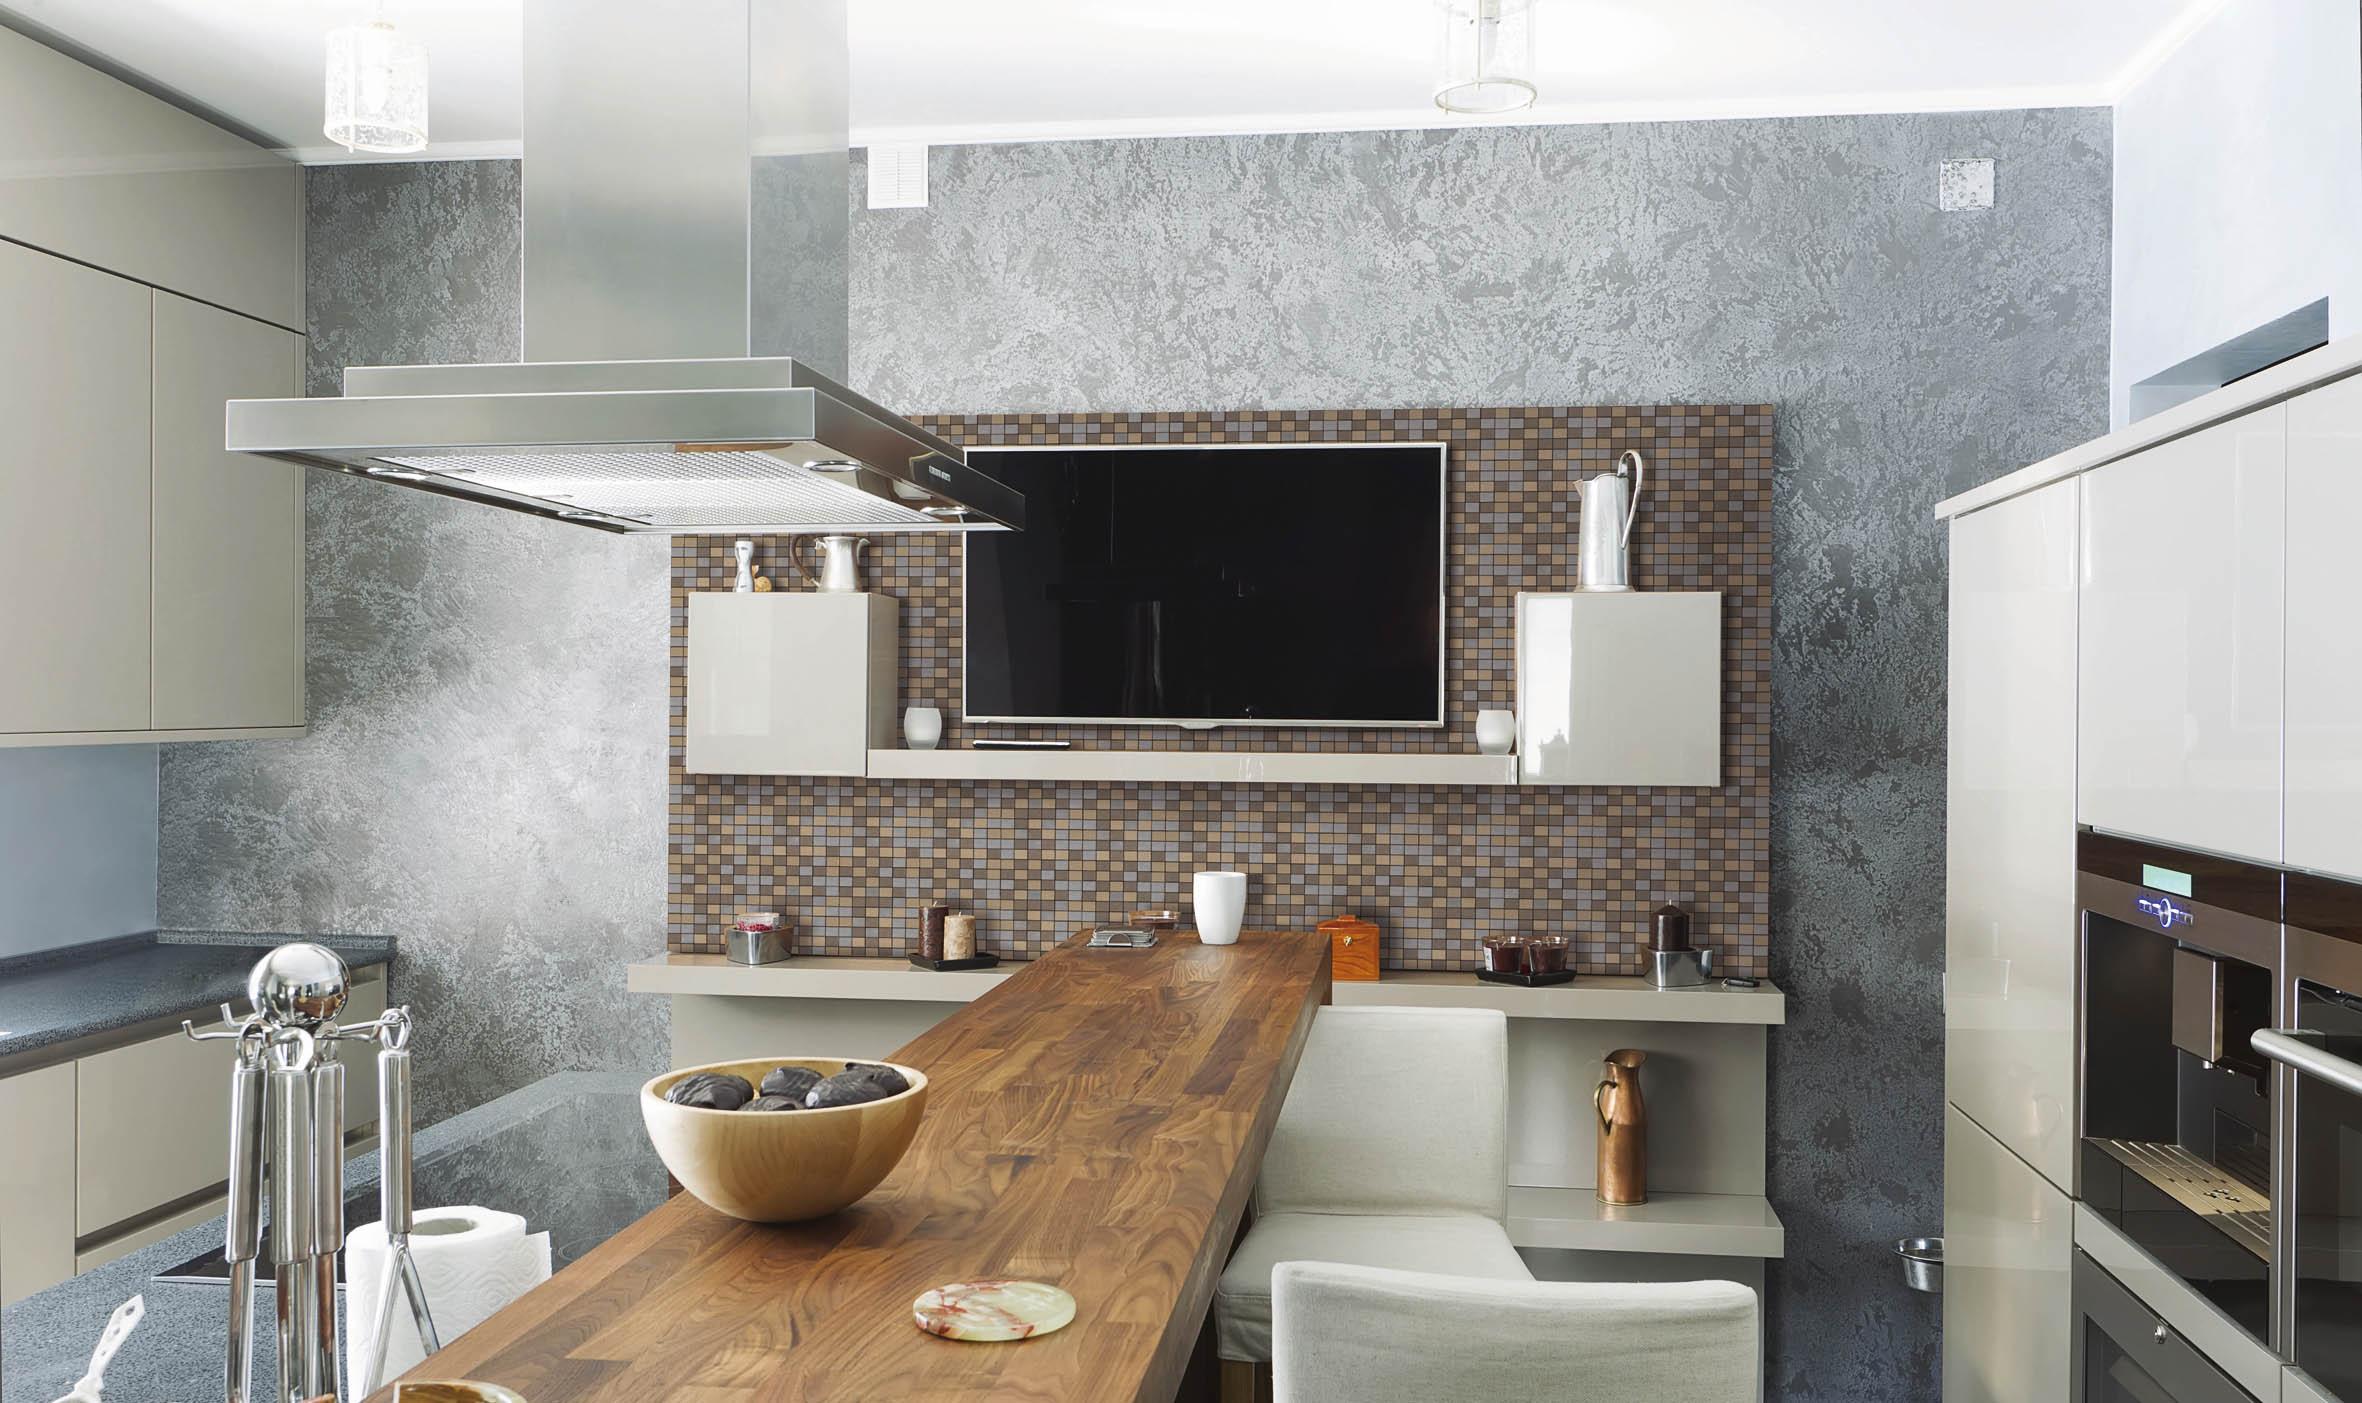 Arredamento Cucina Soggiorno Moderno : Arredamento moderno ...